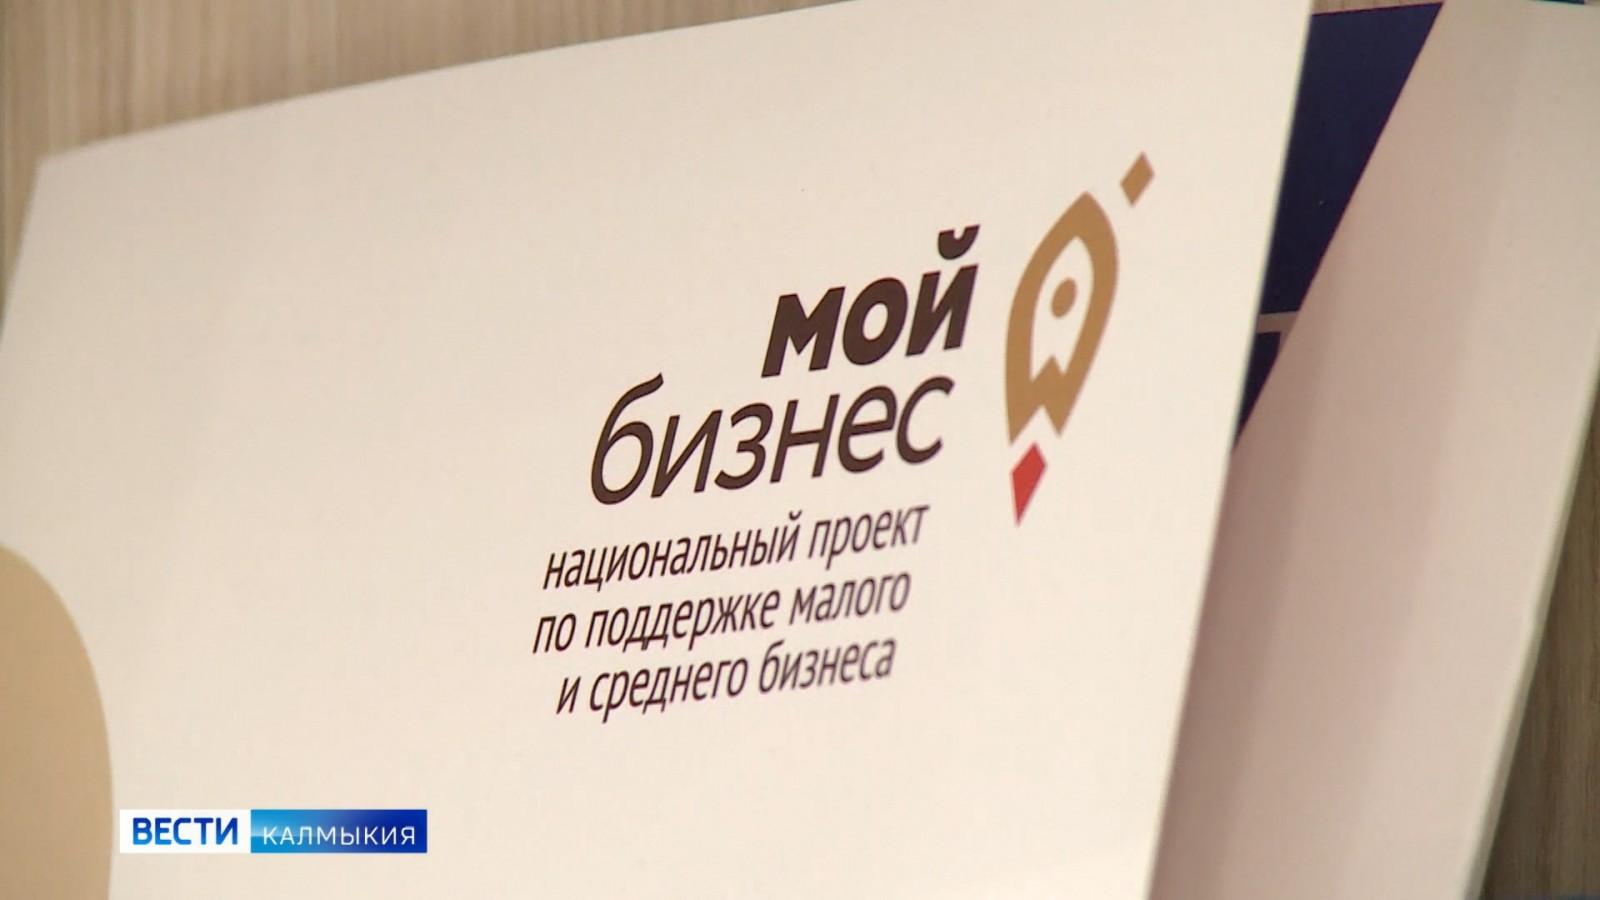 Предприниматели Калмыкии смогут воспользоваться целым комплексом услуг вместо одной